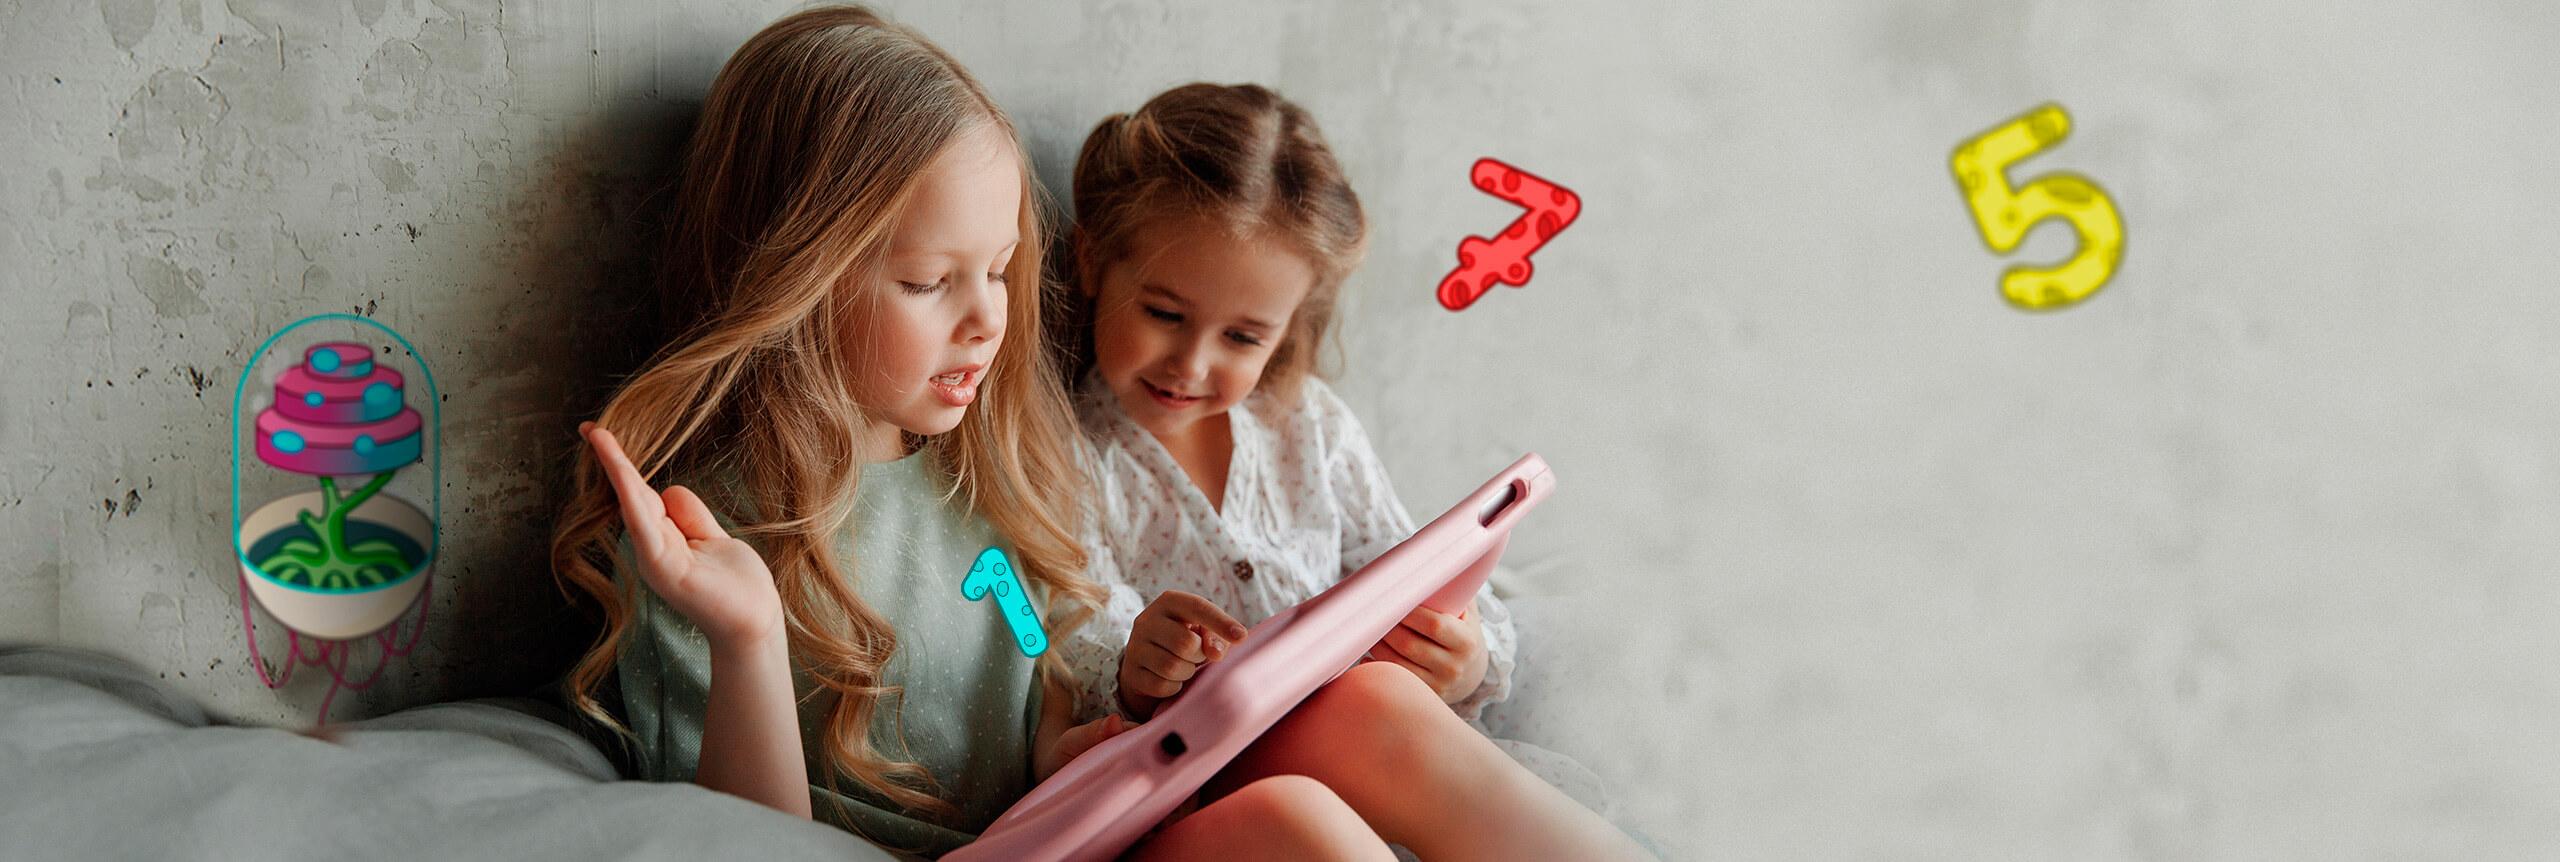 Университет «Синергия» запустил мобильное приложение для обучения детей